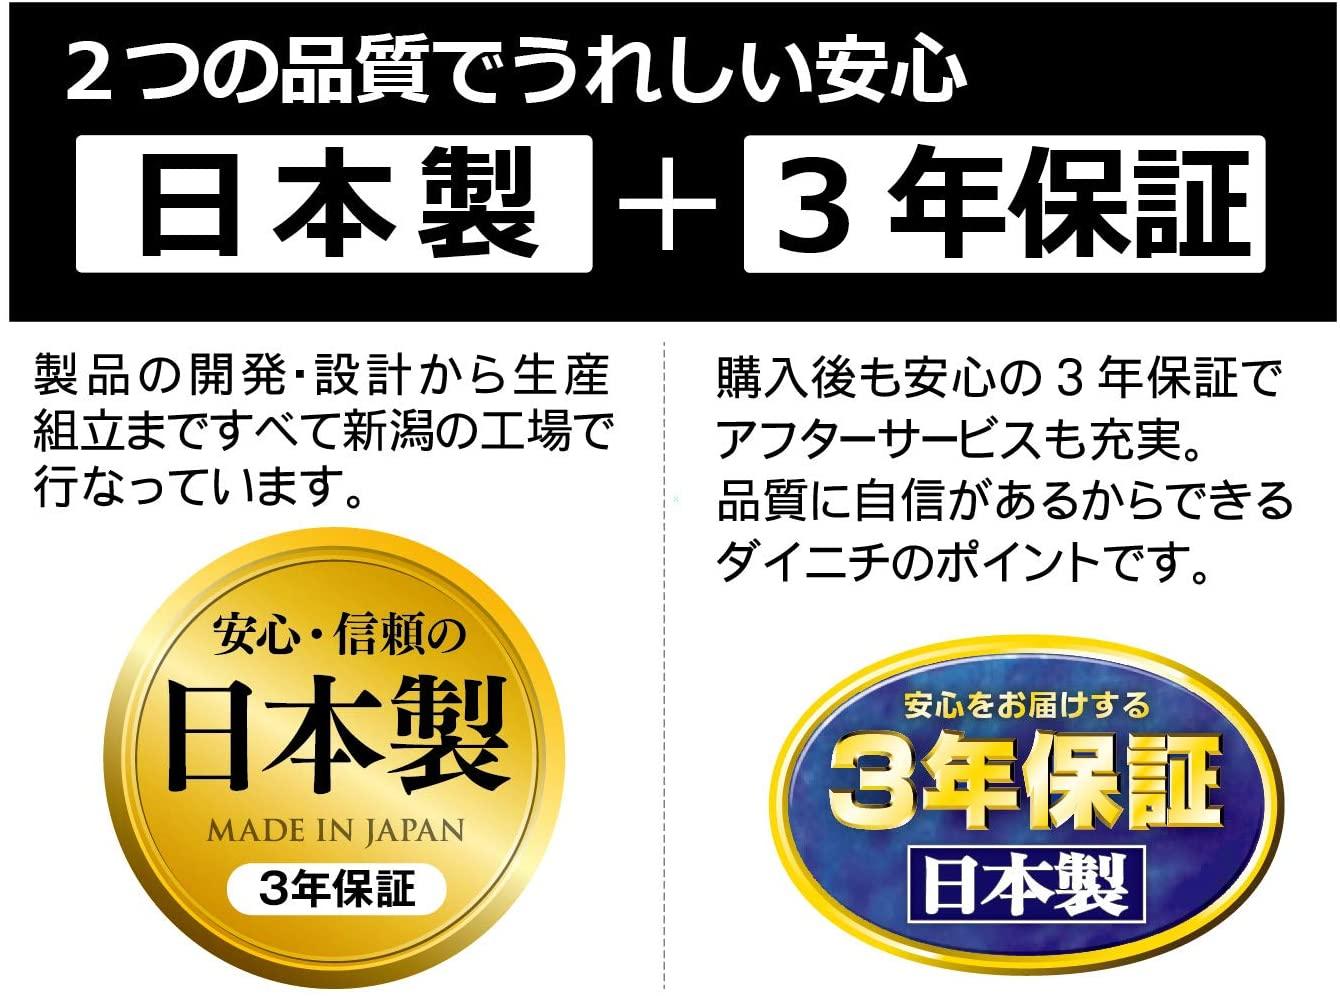 Dainichi(ダイニチ)HD SERIESパワフルモデル HD-152の商品画像7